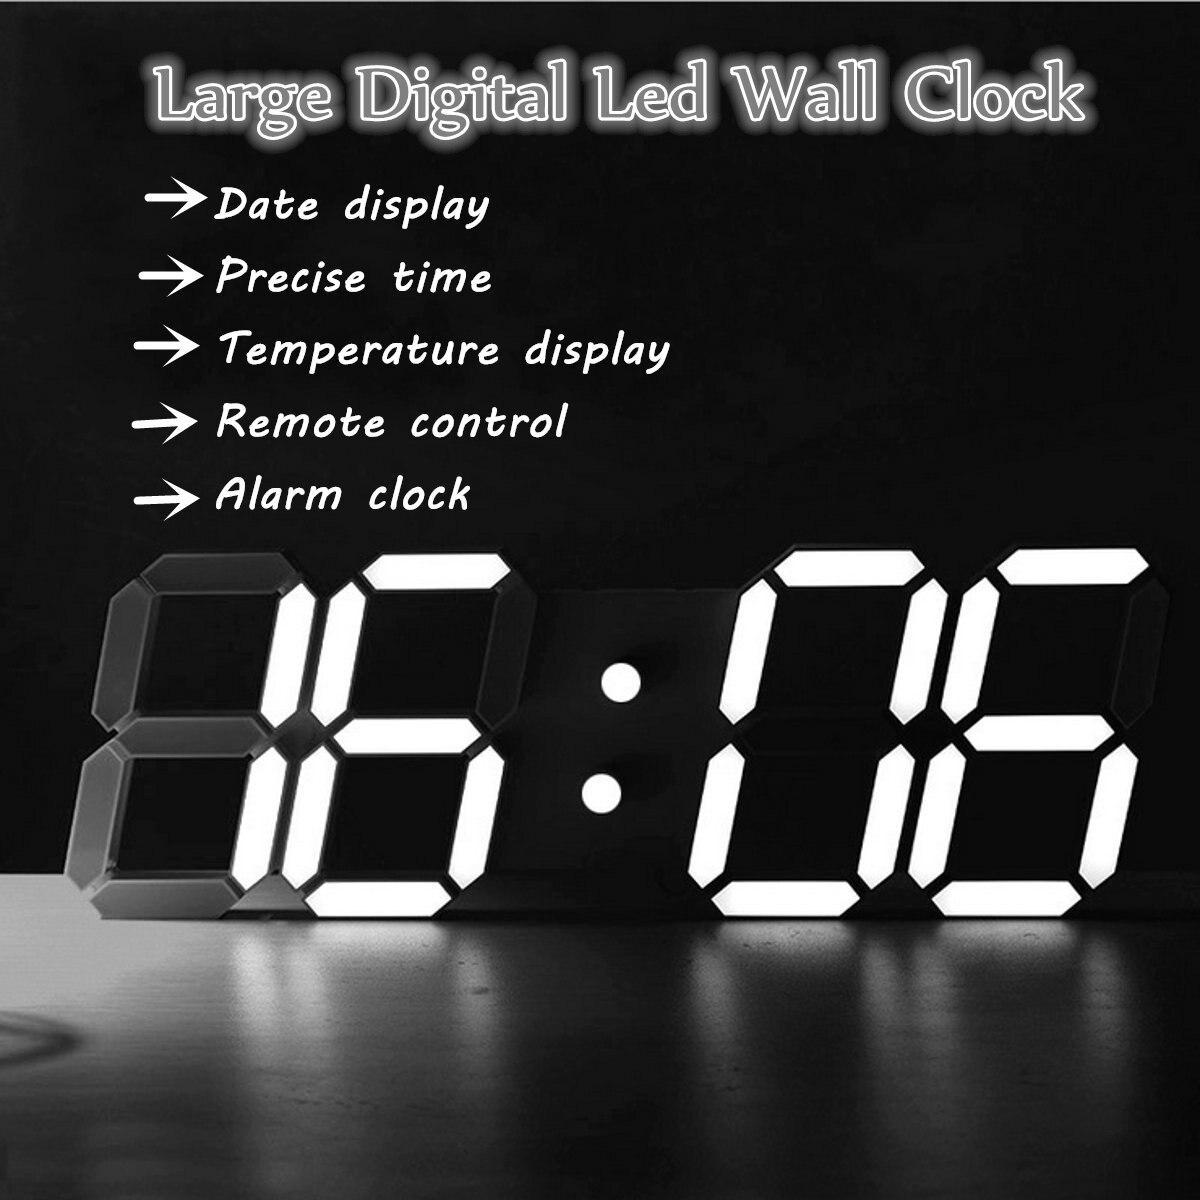 Charminer большой светодио дный цифровой настенные часы современный дизайн Show отсчет настенные часы в Гостиная